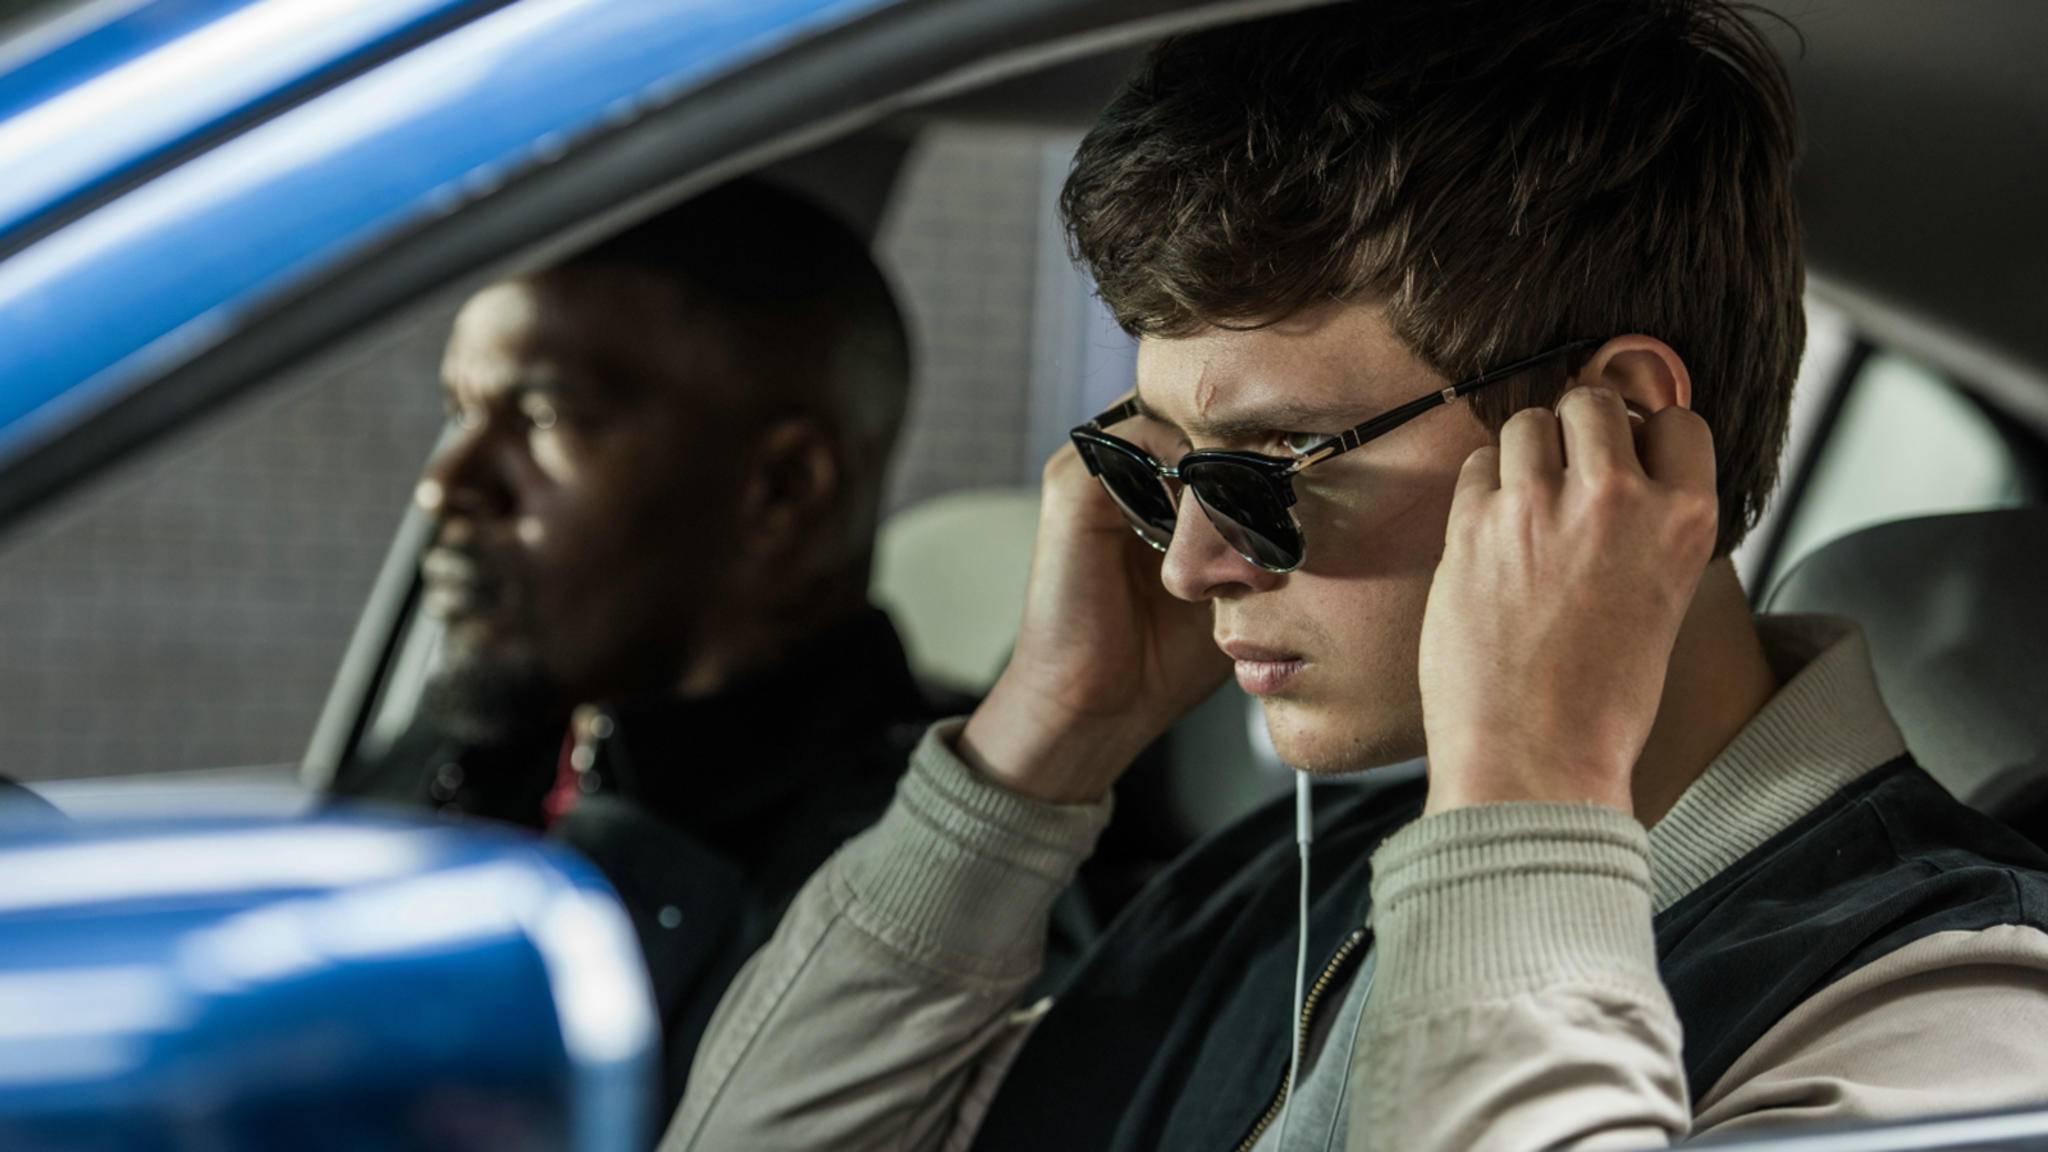 """Der """"Baby Driver"""" hat nur knapp die Top 5 unseres Rankings verfehlt."""